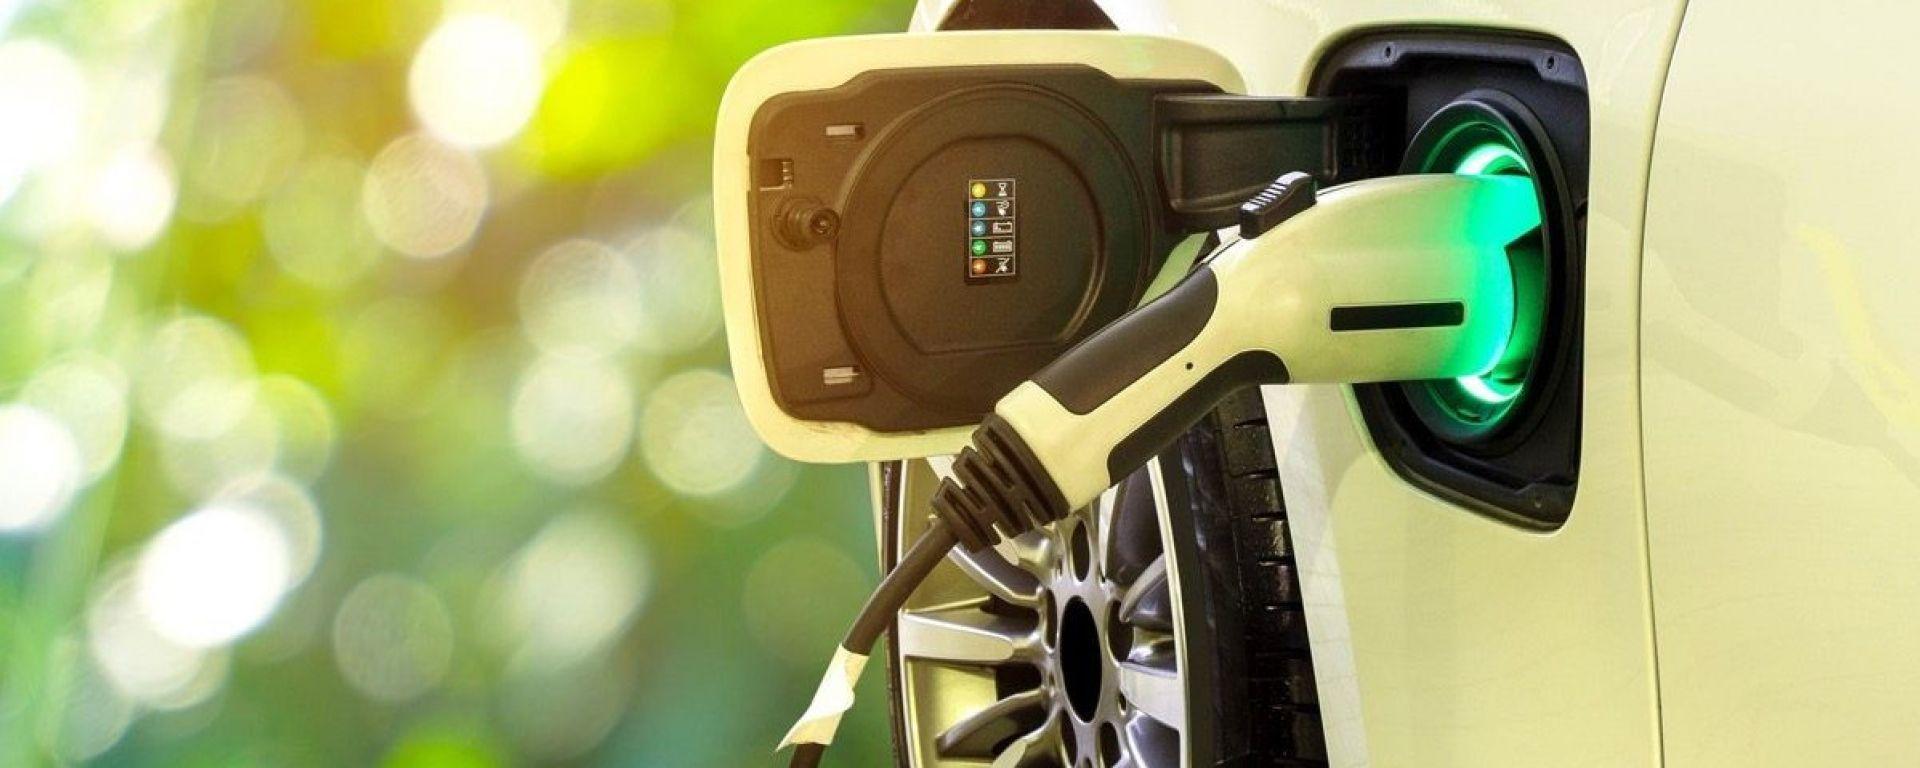 Ecobonus auto 2019, stanziata la seconda tranche di fondi pubblici